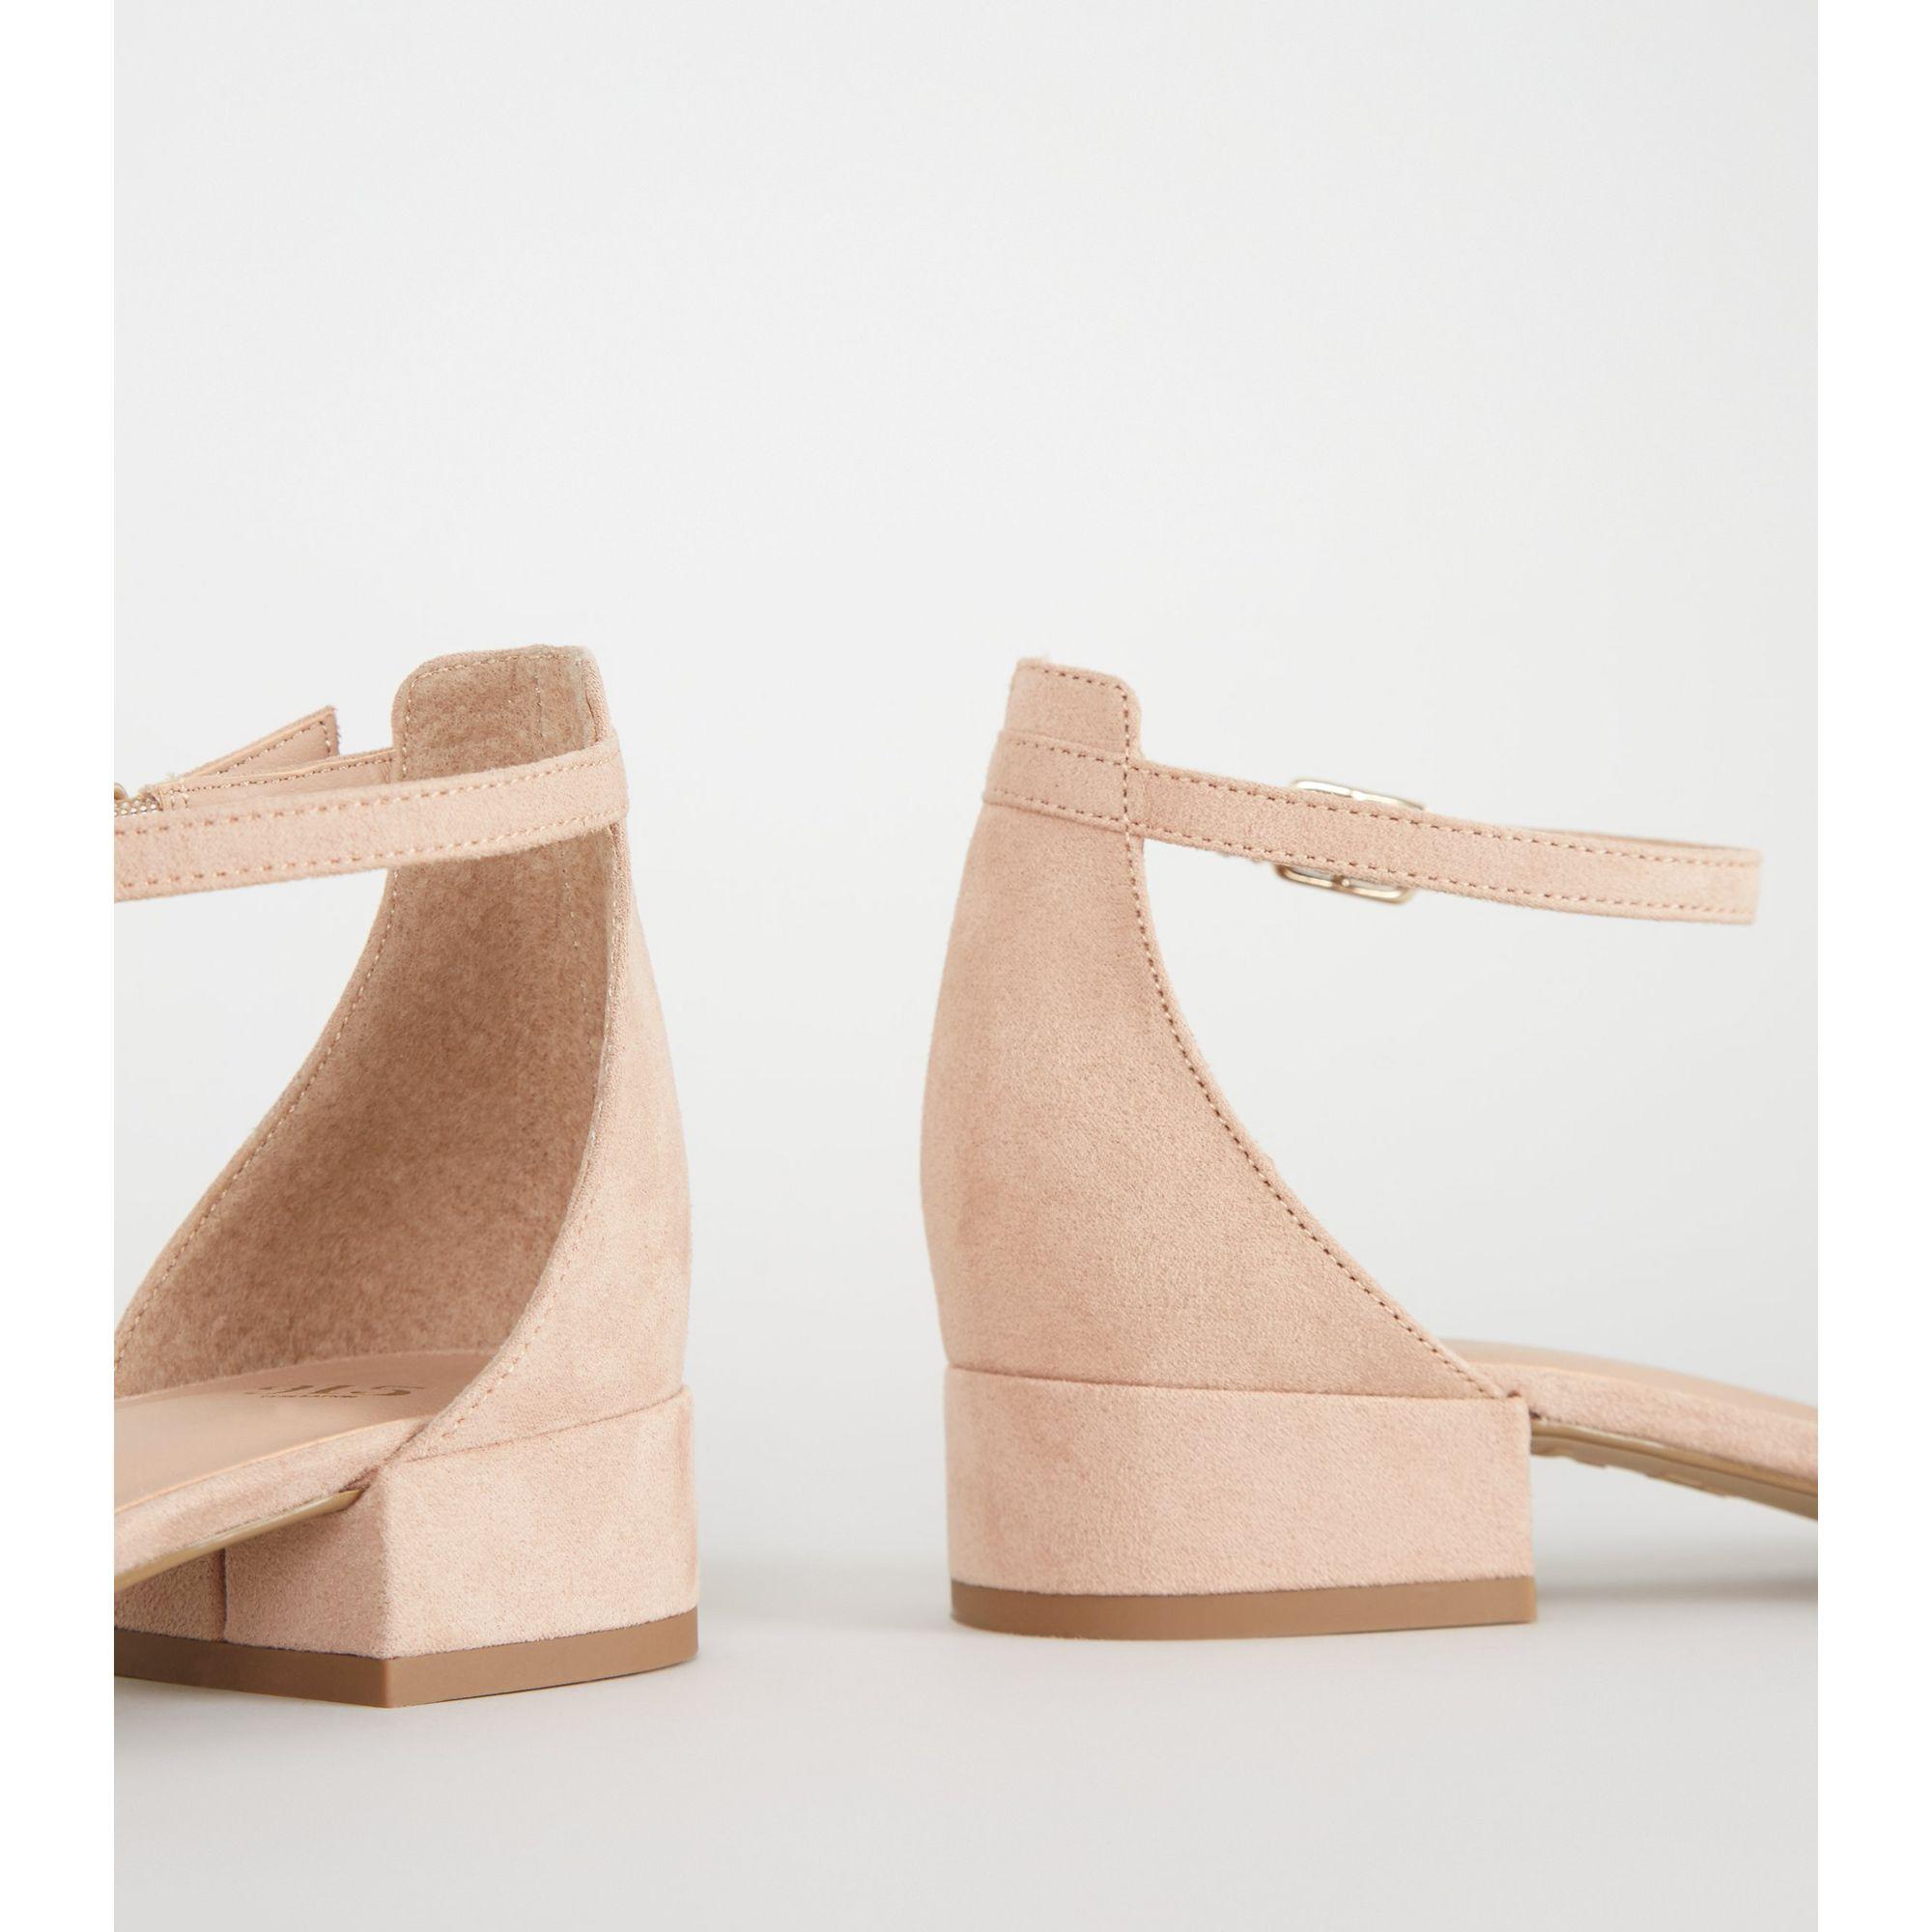 Swimwear Nude Sandals Low Heel Jpg